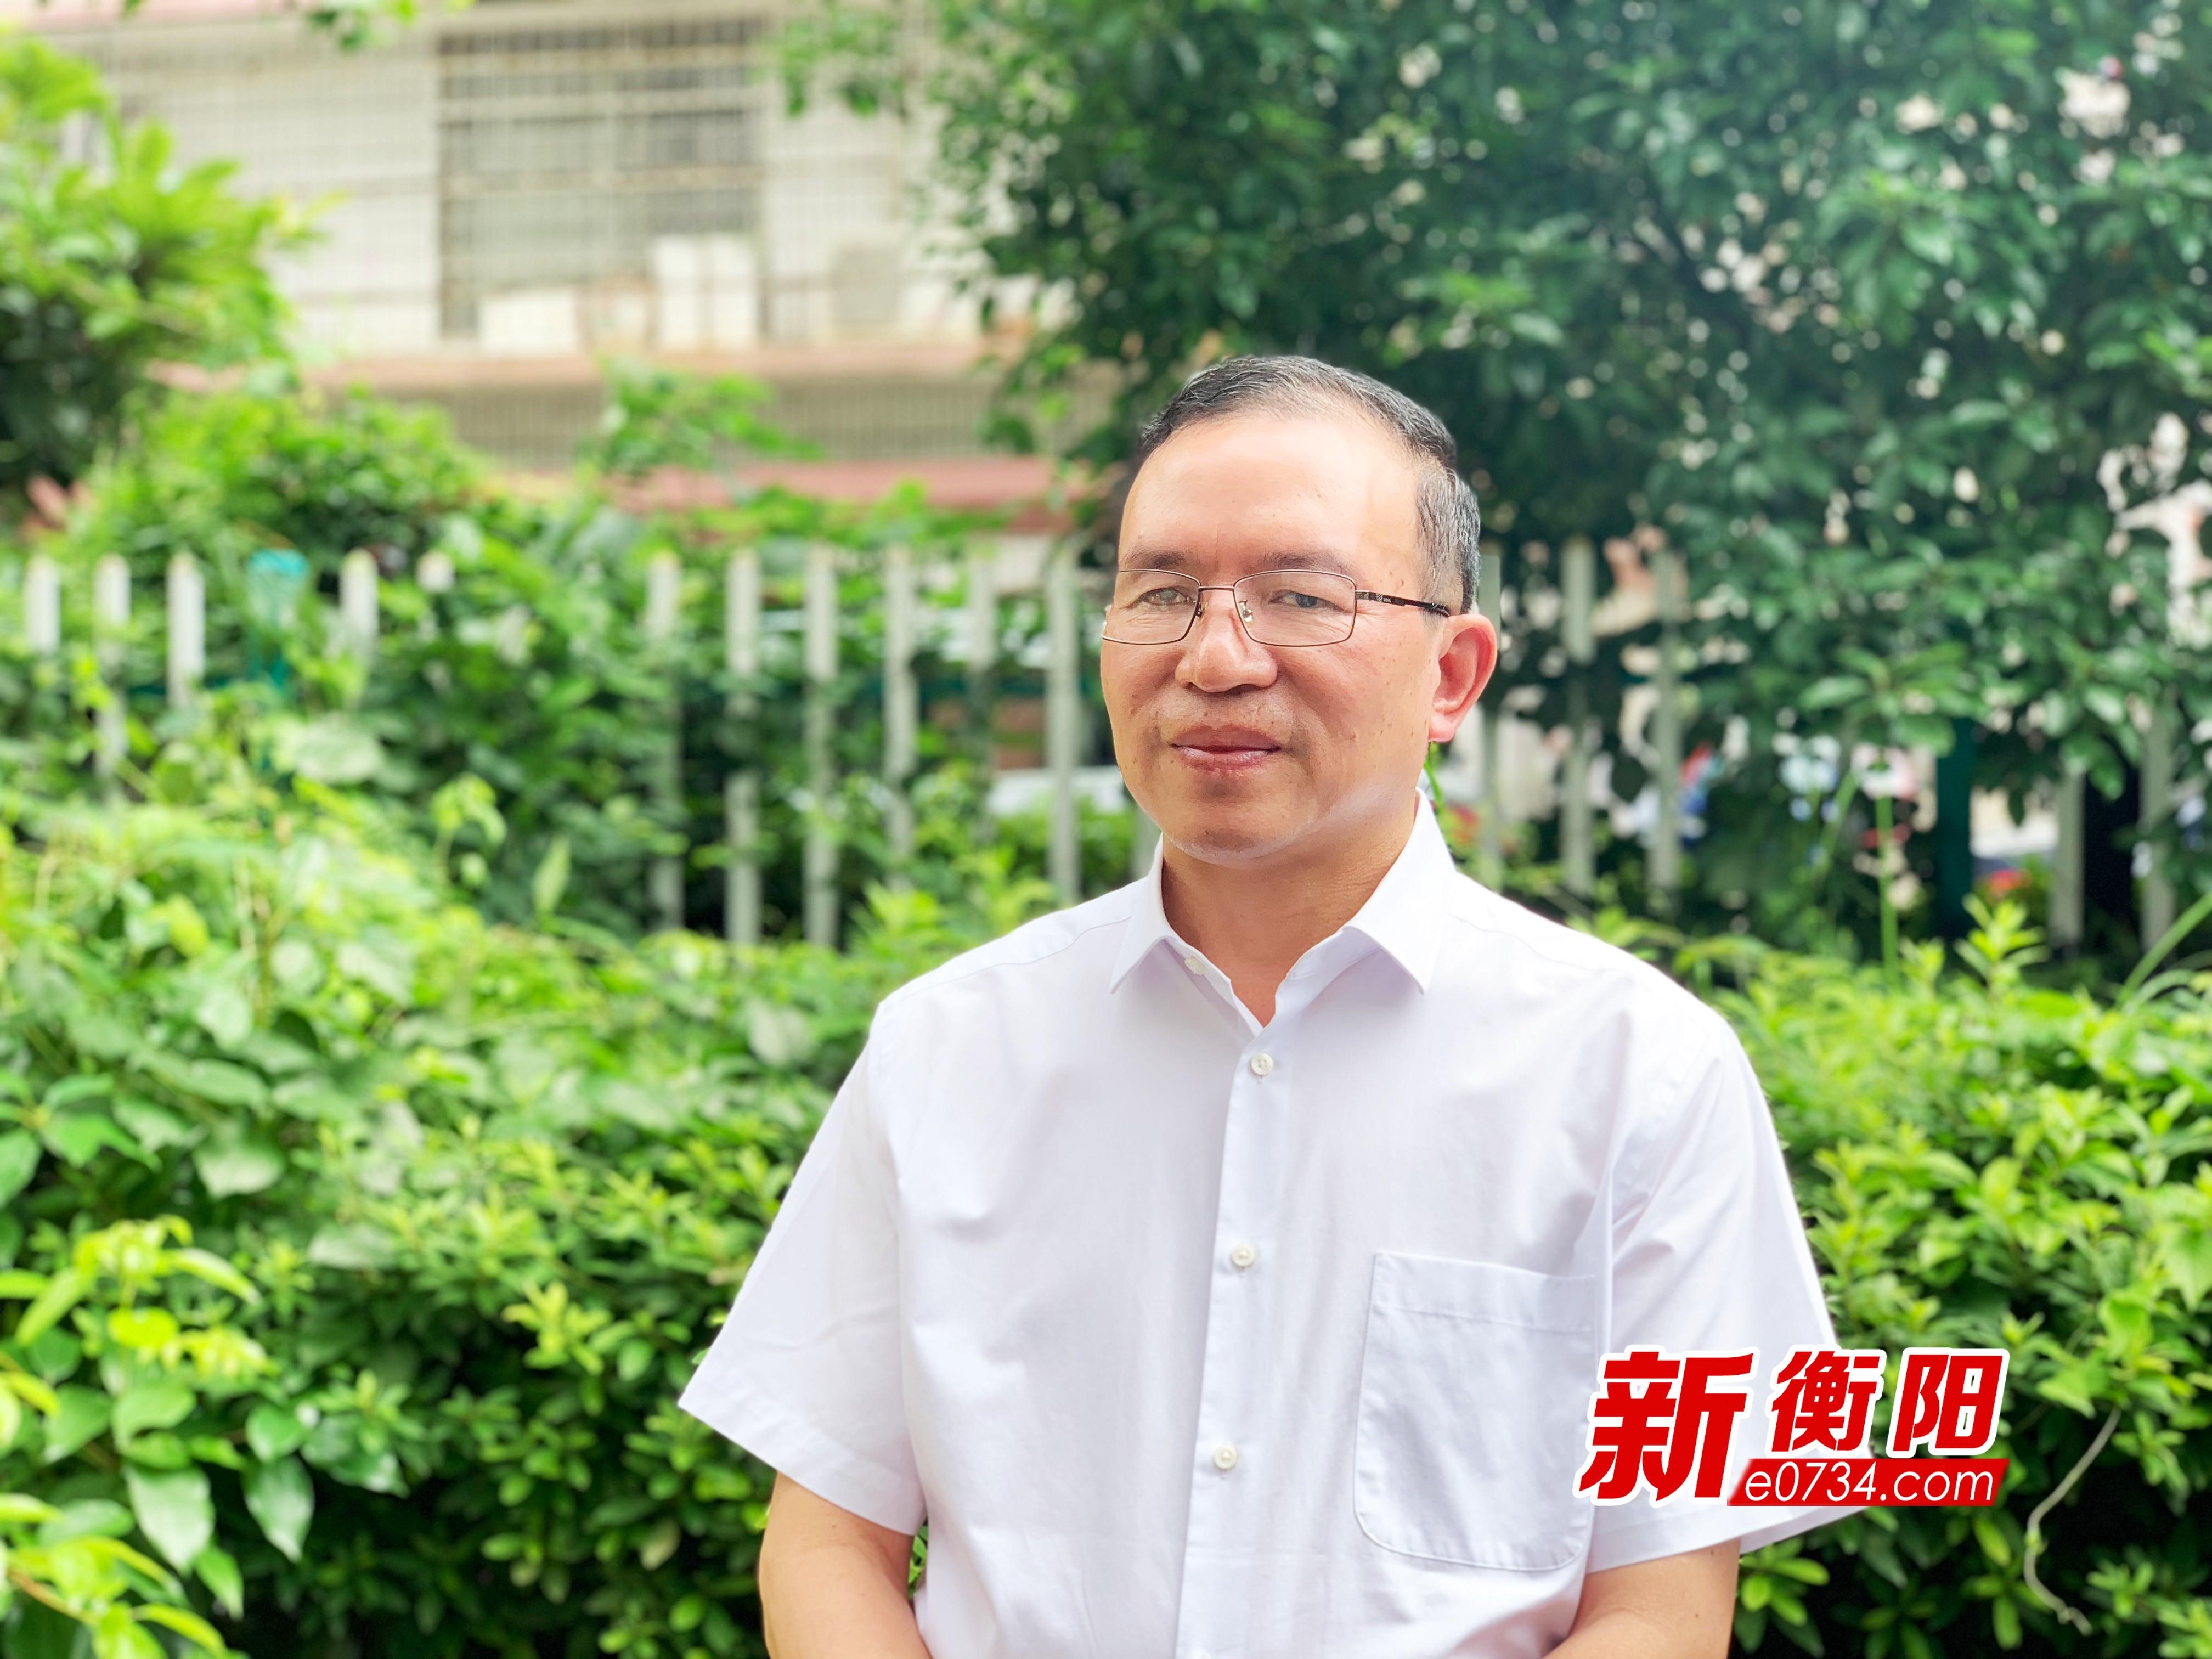 商糧局局長黃建軍.jpg